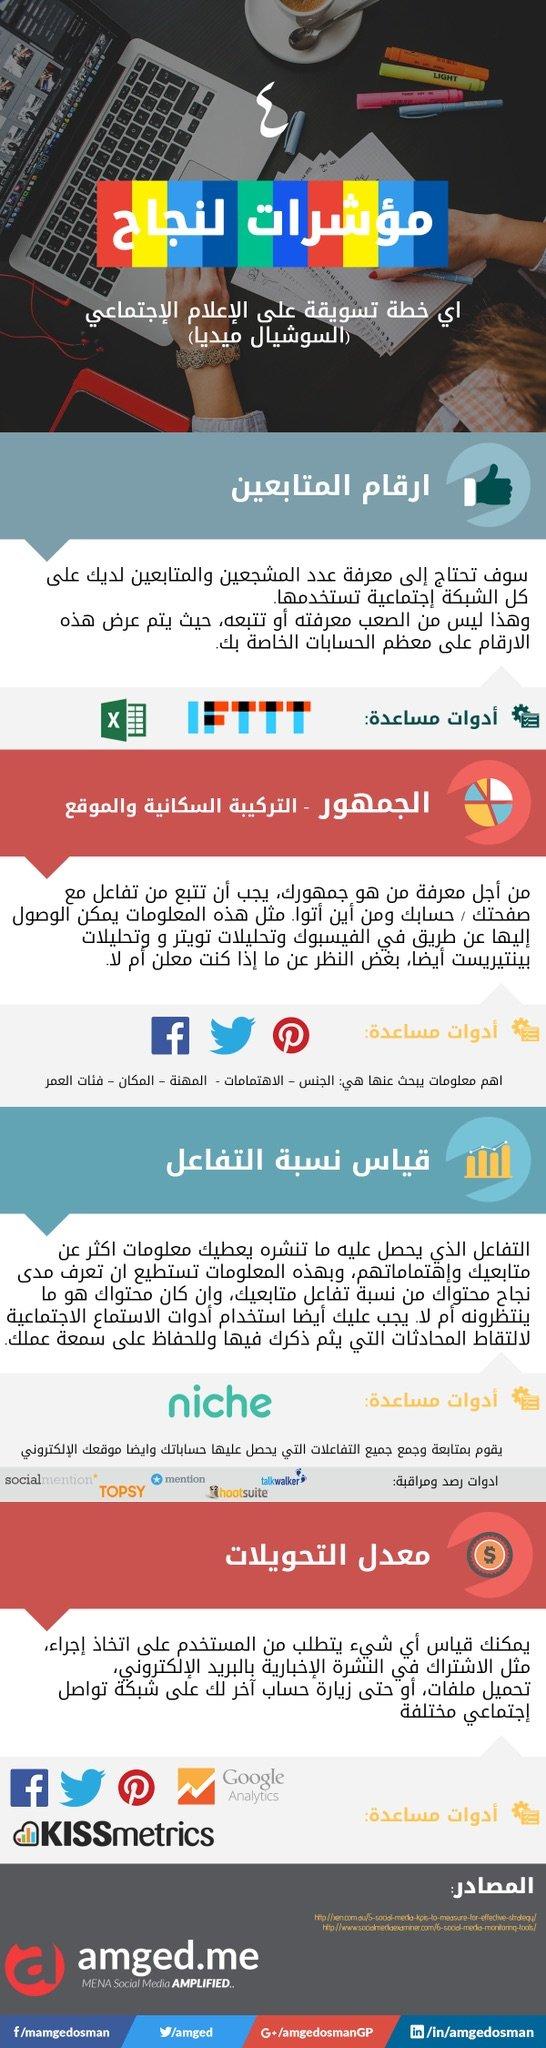 مؤشرات لنجاح أي خطة تسويقية على الإعلام الاجتماعي #انفوجرافيك